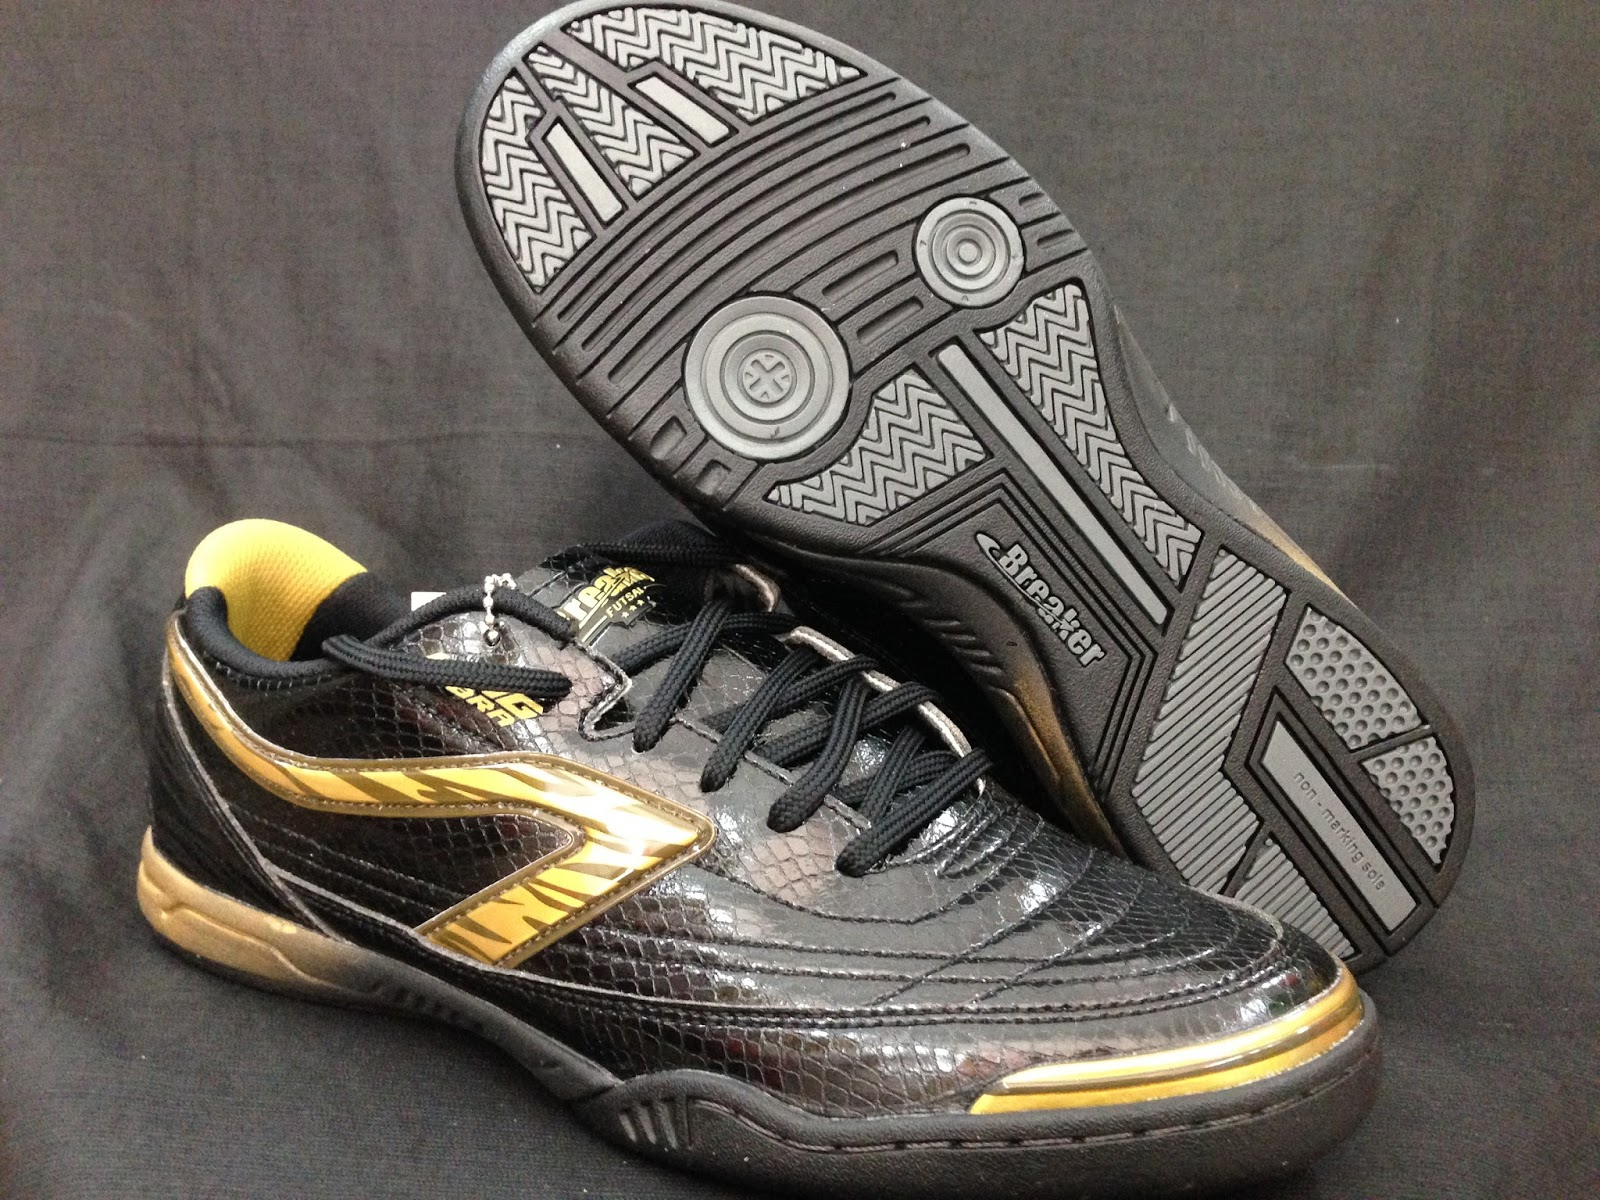 b8548ae2d Kedai Baju Bola  Original Brand Breaker Futsal Shoes